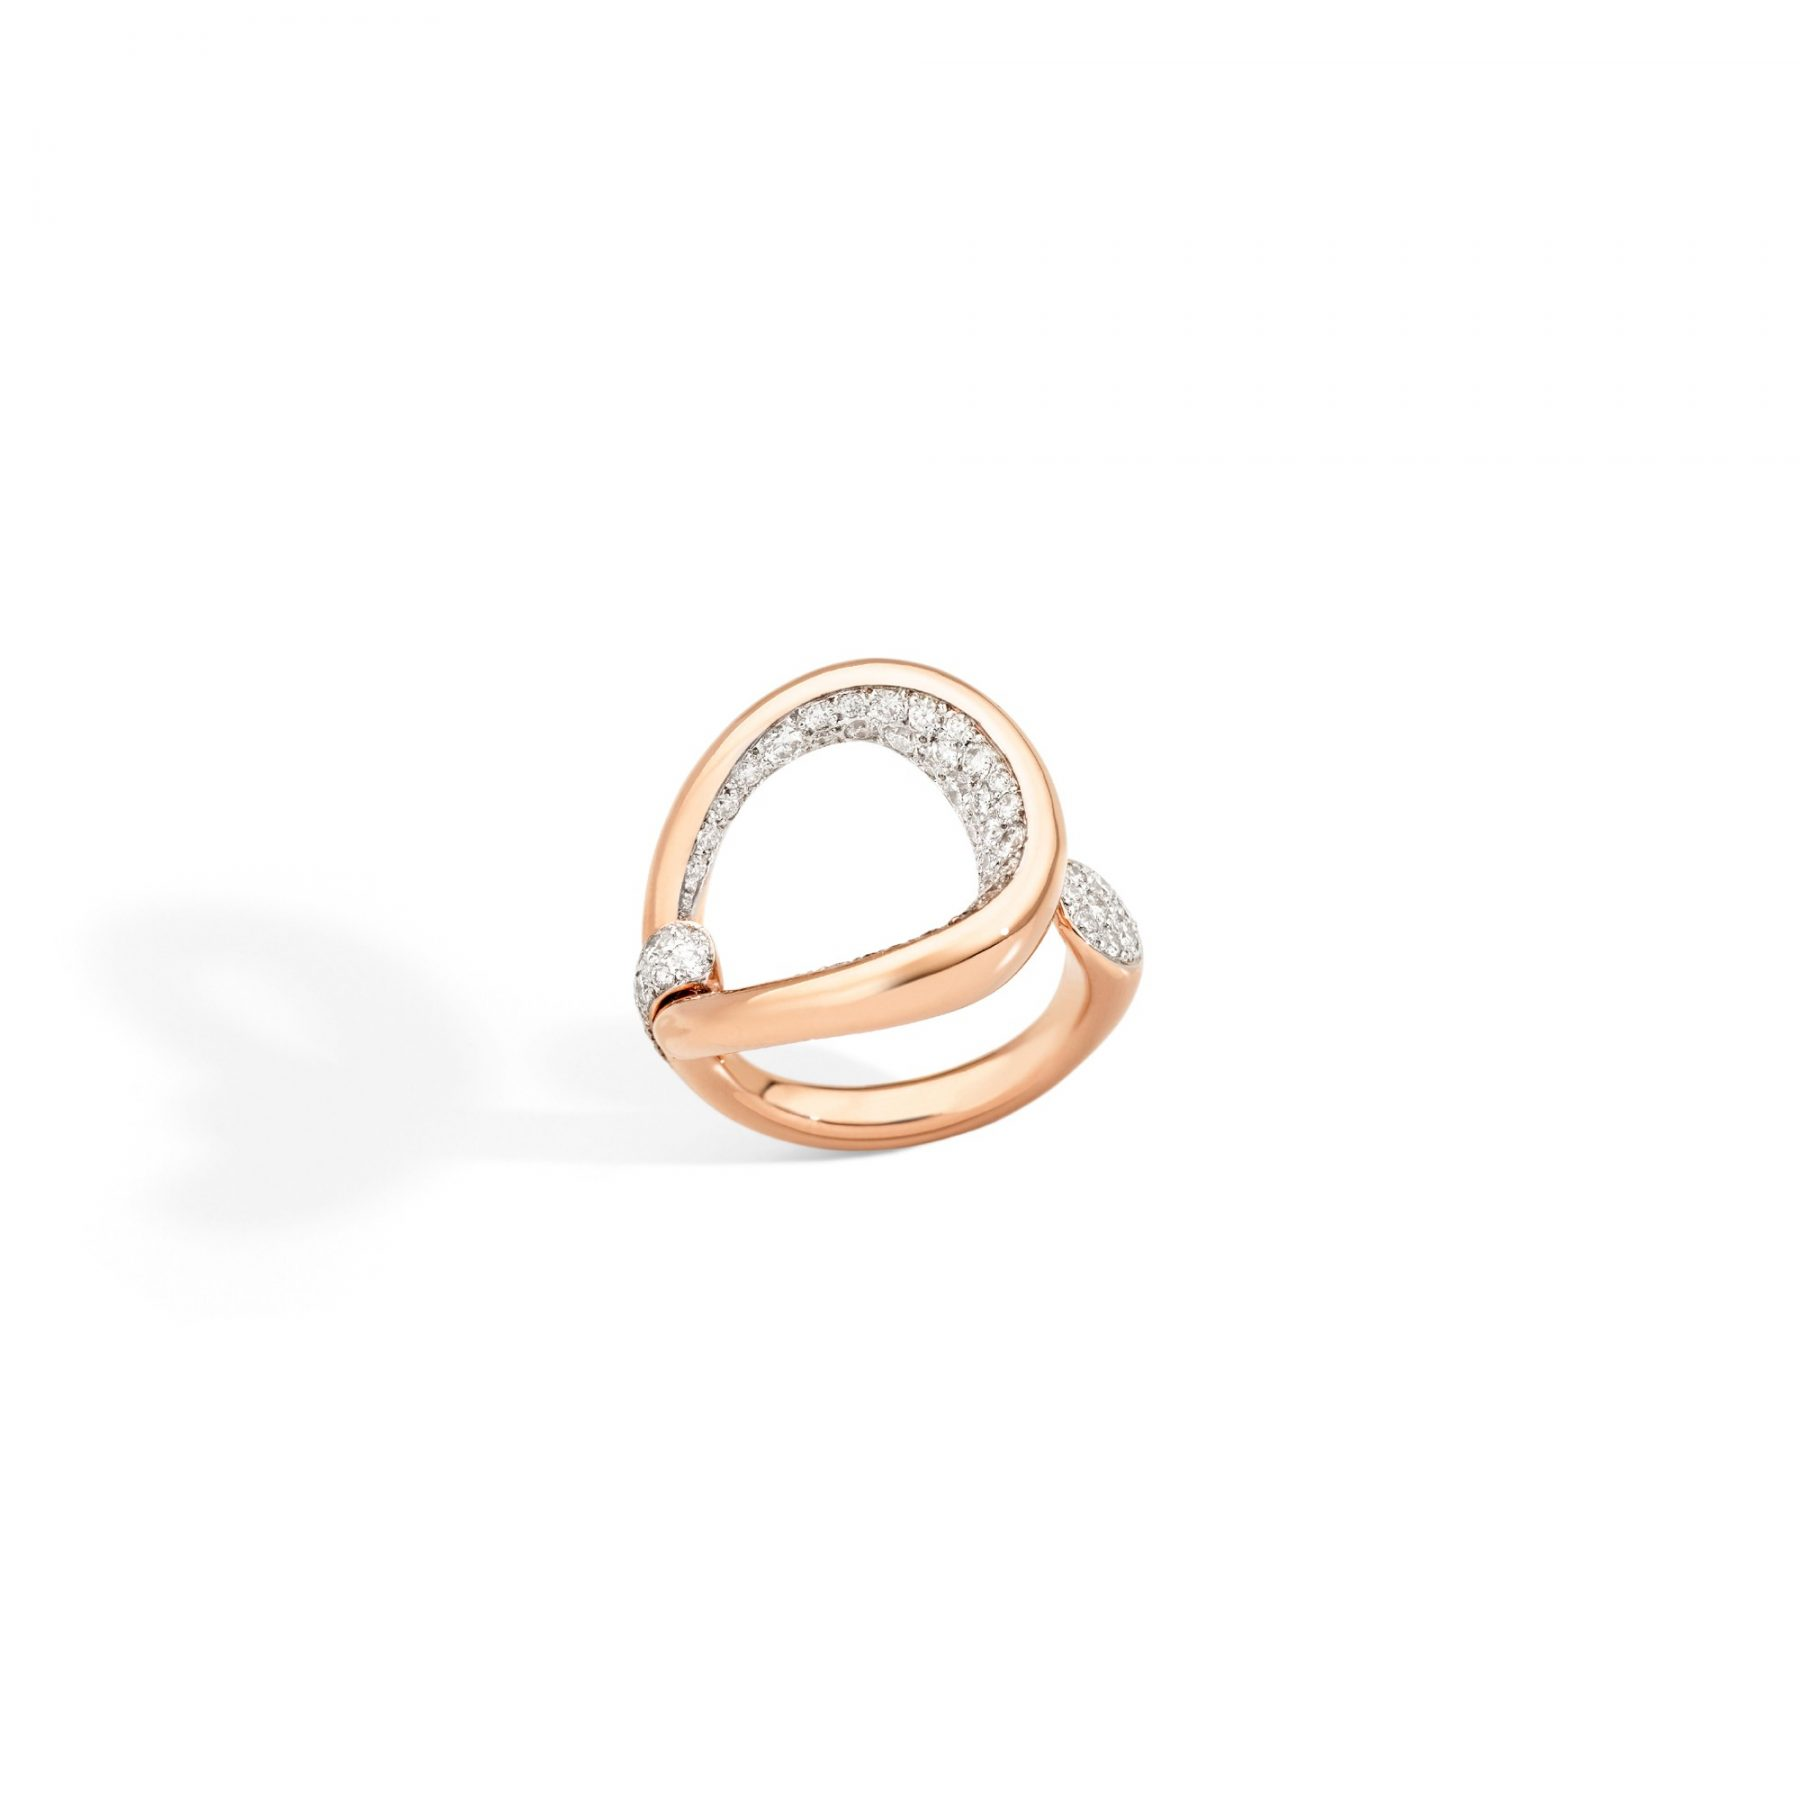 Ring Fantina Diamanten Gold - Pomellato - A.C009/B9O7